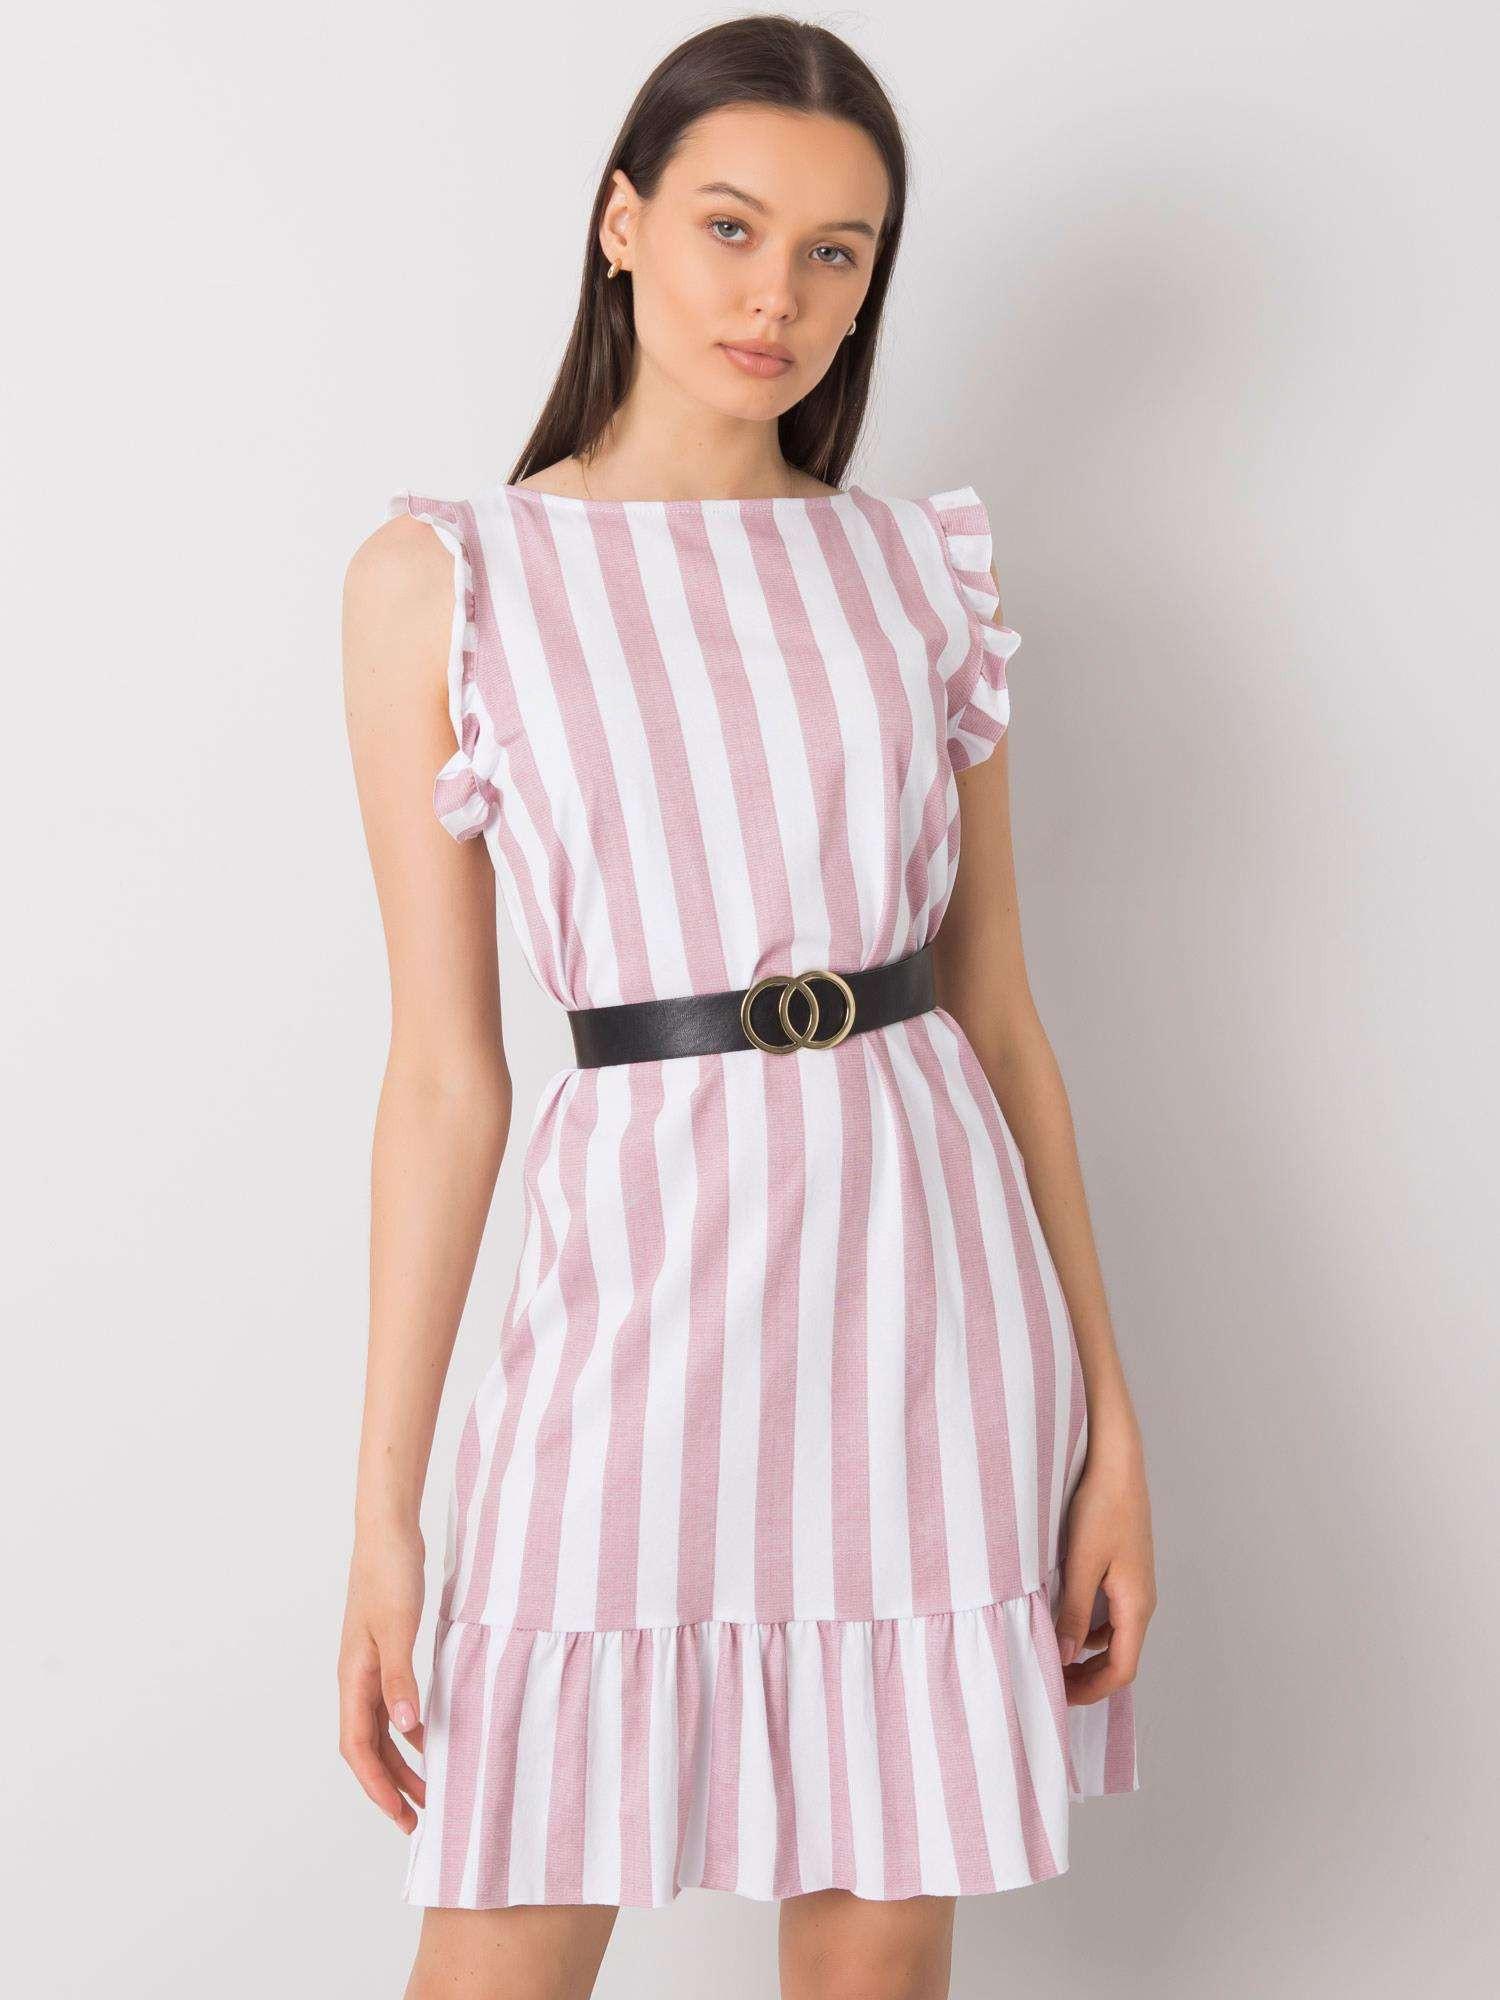 Púdrovo ružové pruhované šaty s volánom jedna velikost